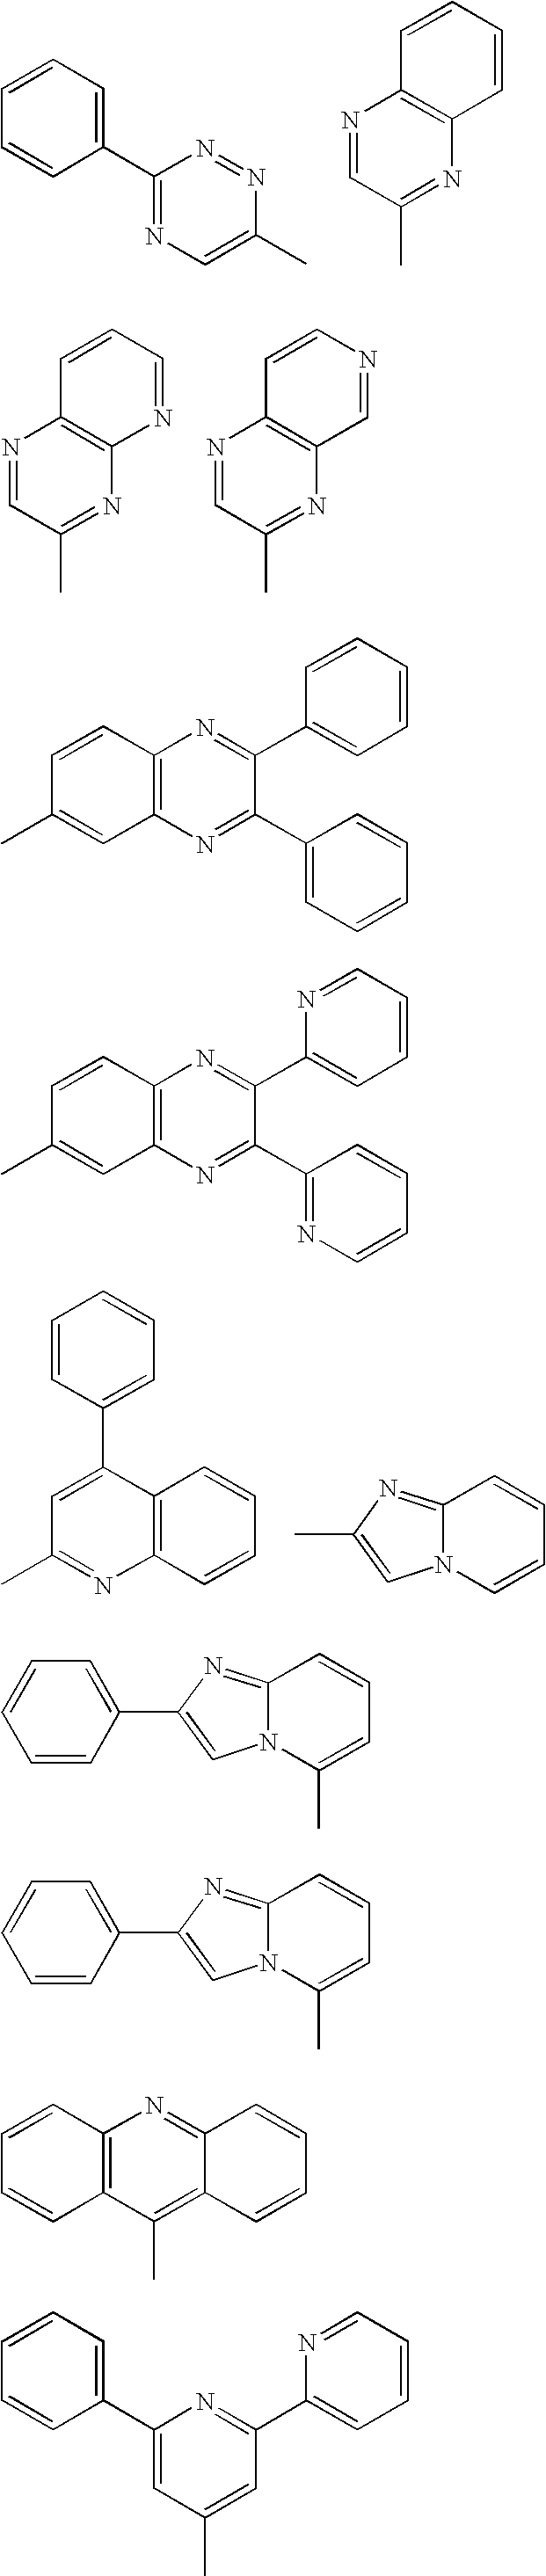 Figure US08154195-20120410-C00039